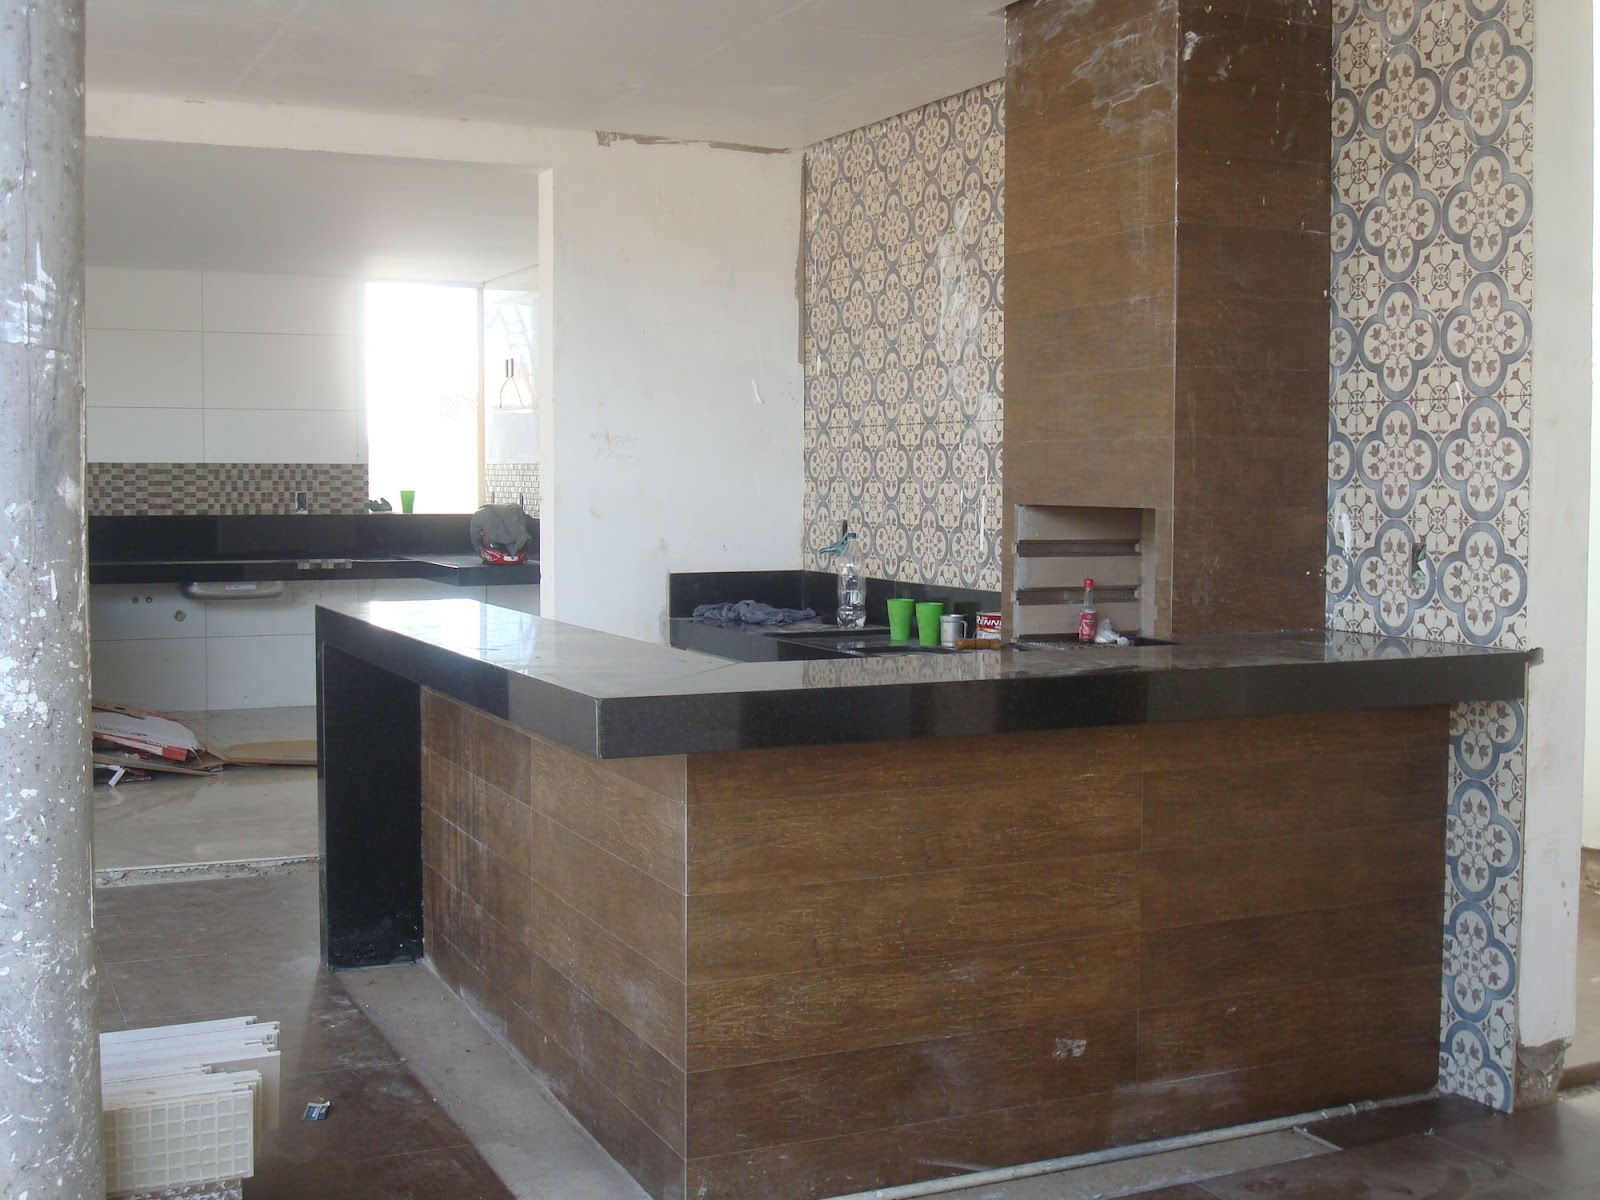 piso da sacada da suíte piso do banheiro amarelo e um corredor #5E4938 1600x1200 Banheiro Com Porcelanato Rustico